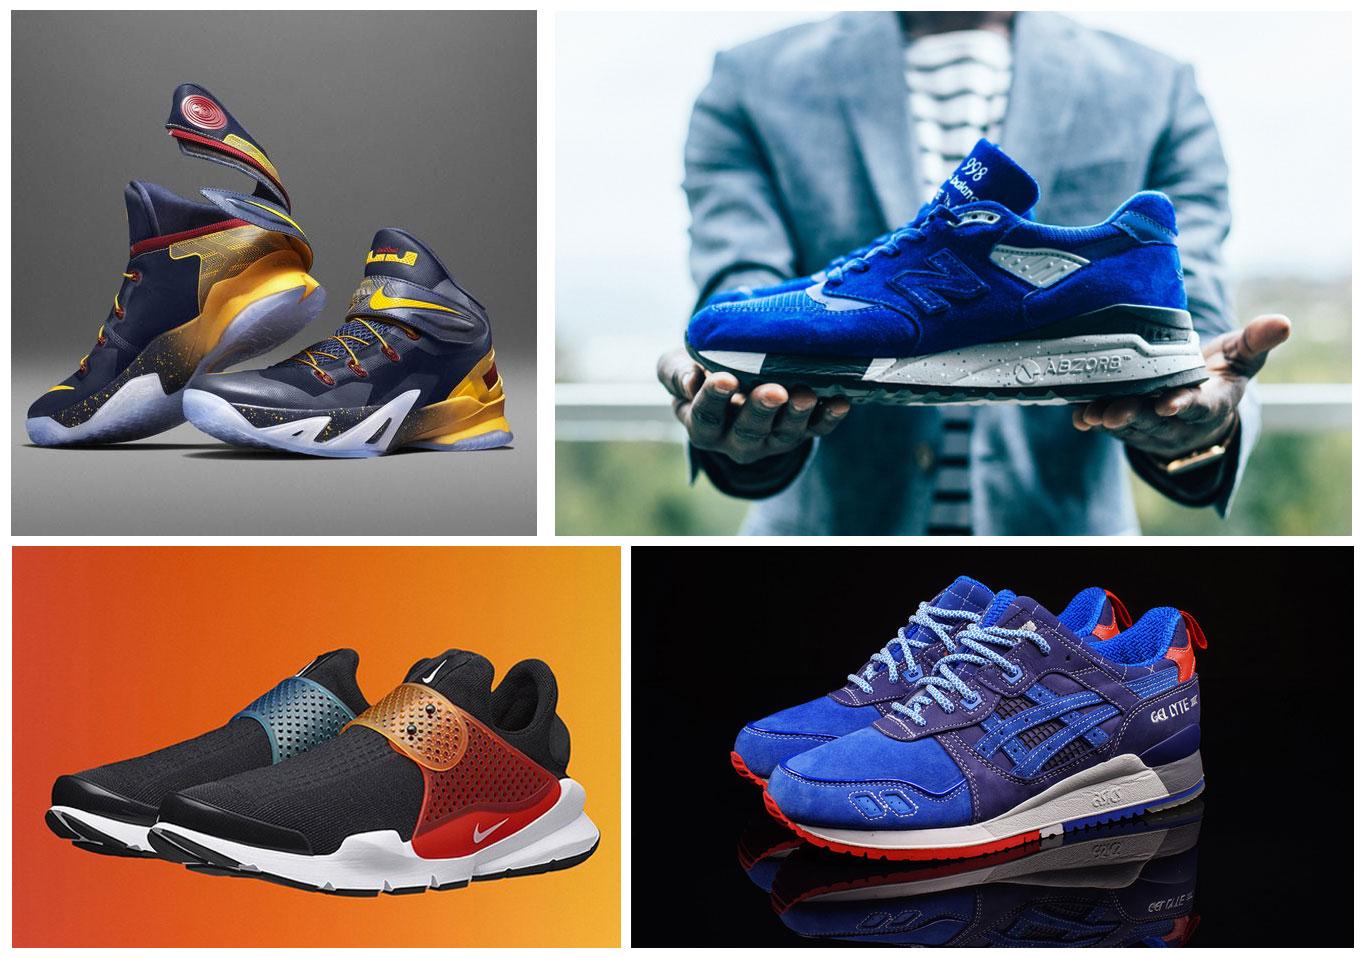 Travis Peterson Top Sneakers 2015